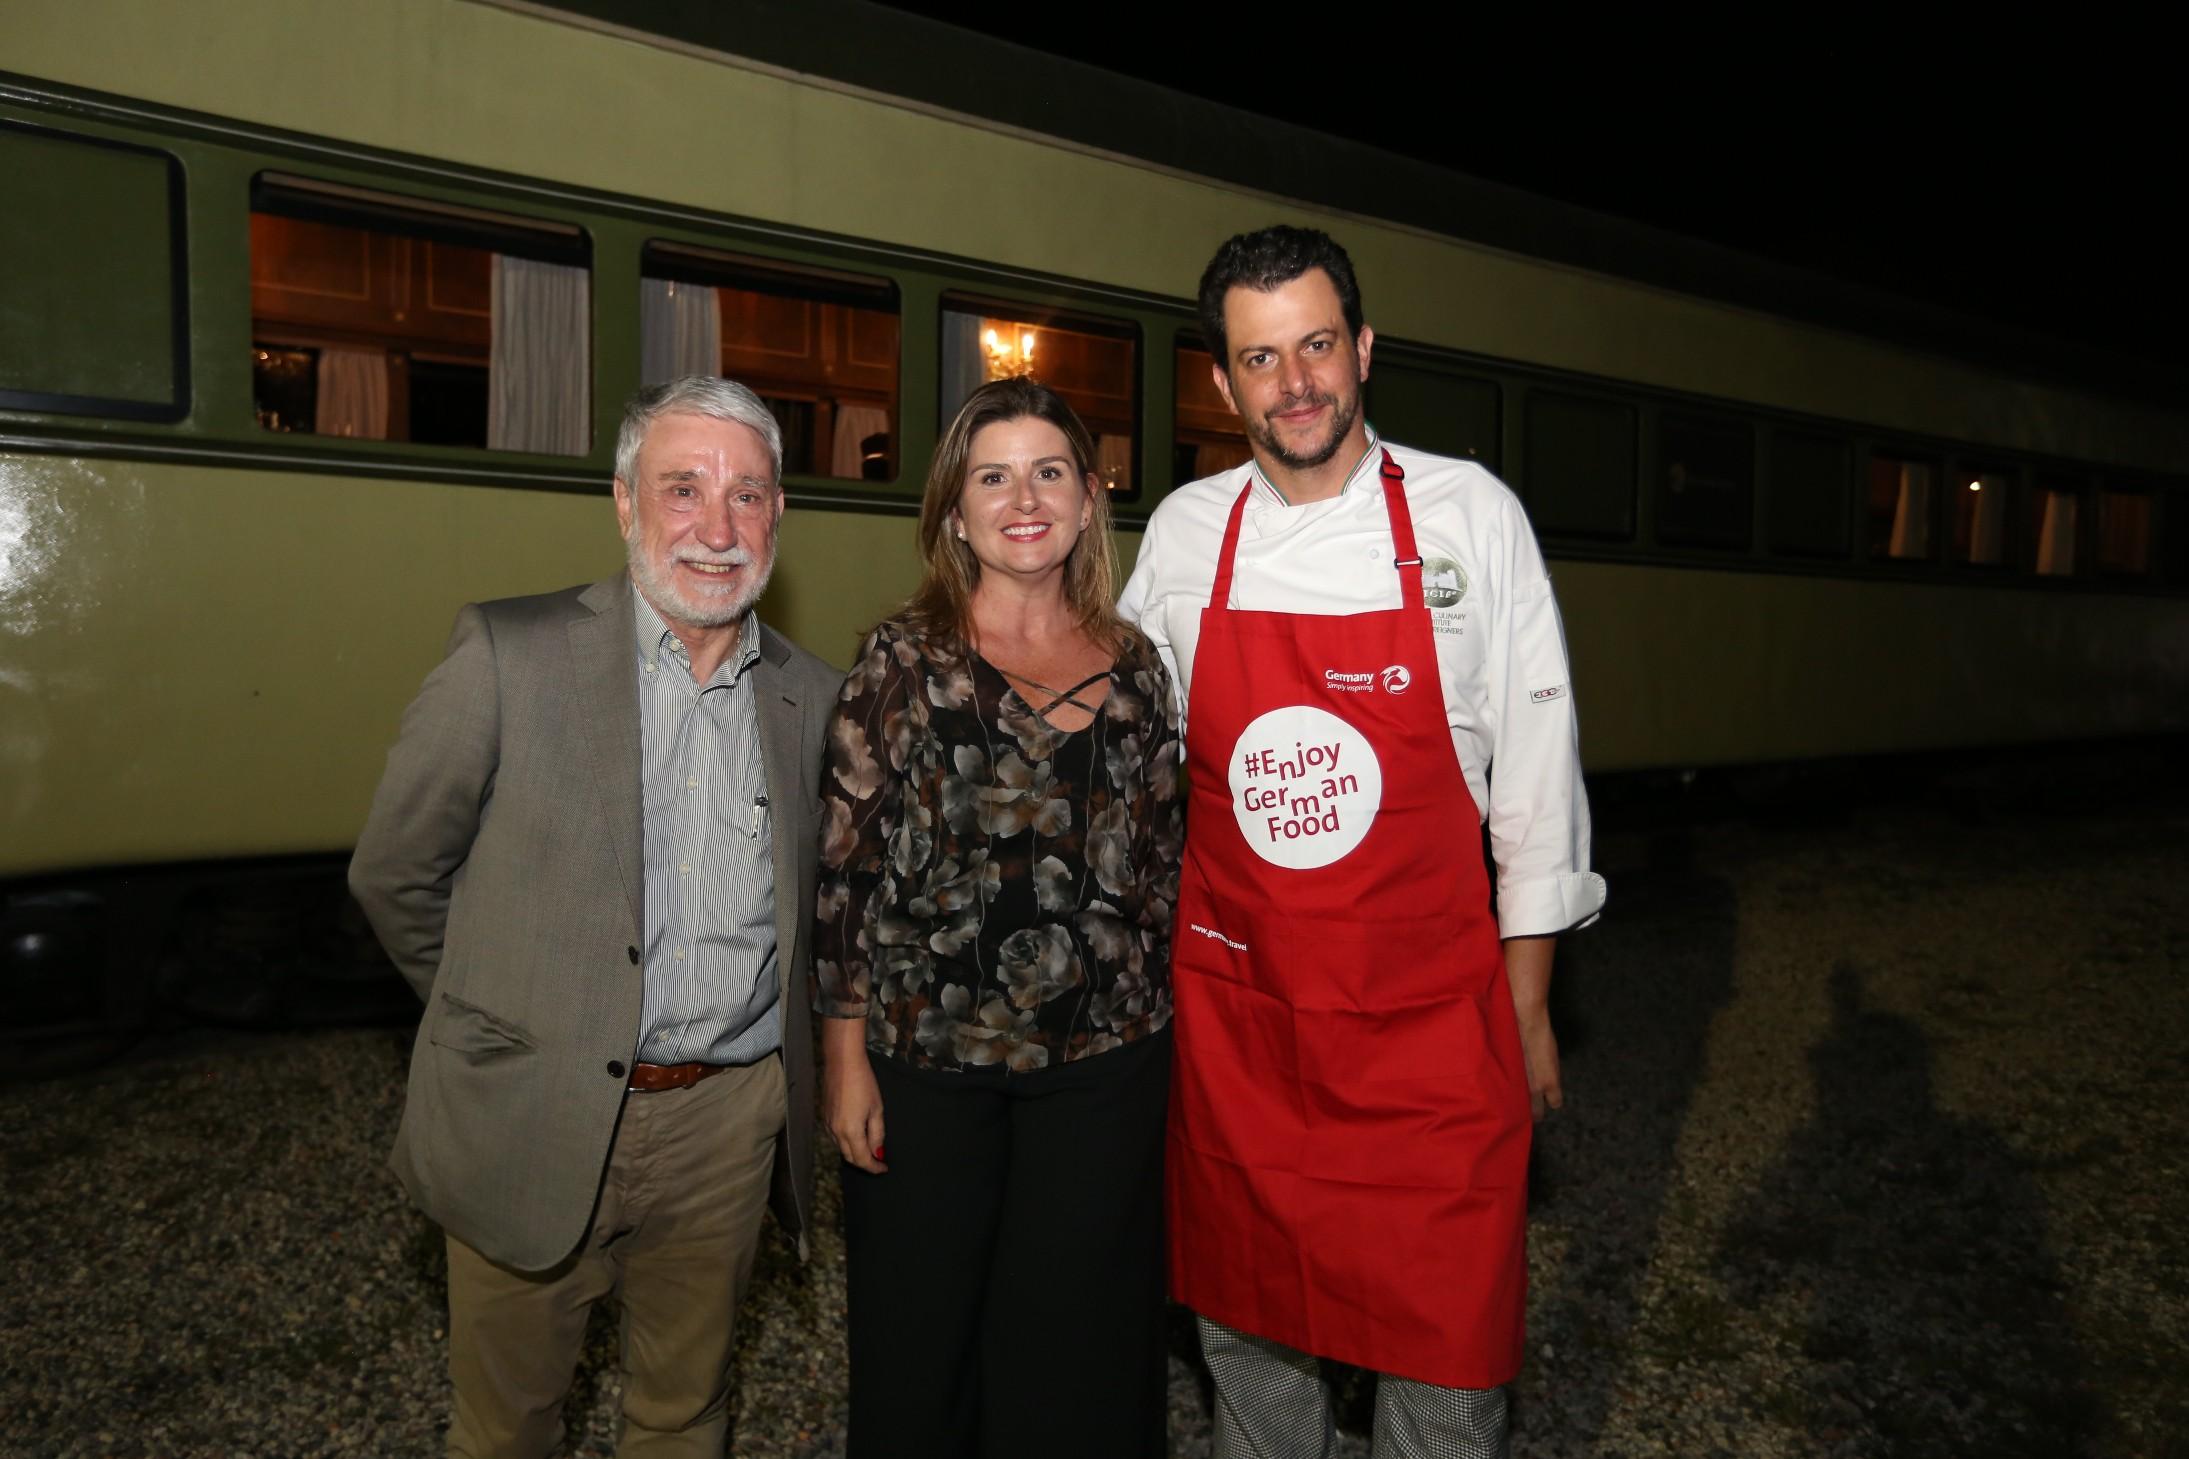 Centro turístico da Alemanha oferece jantar em trem de luxo de Curitiba